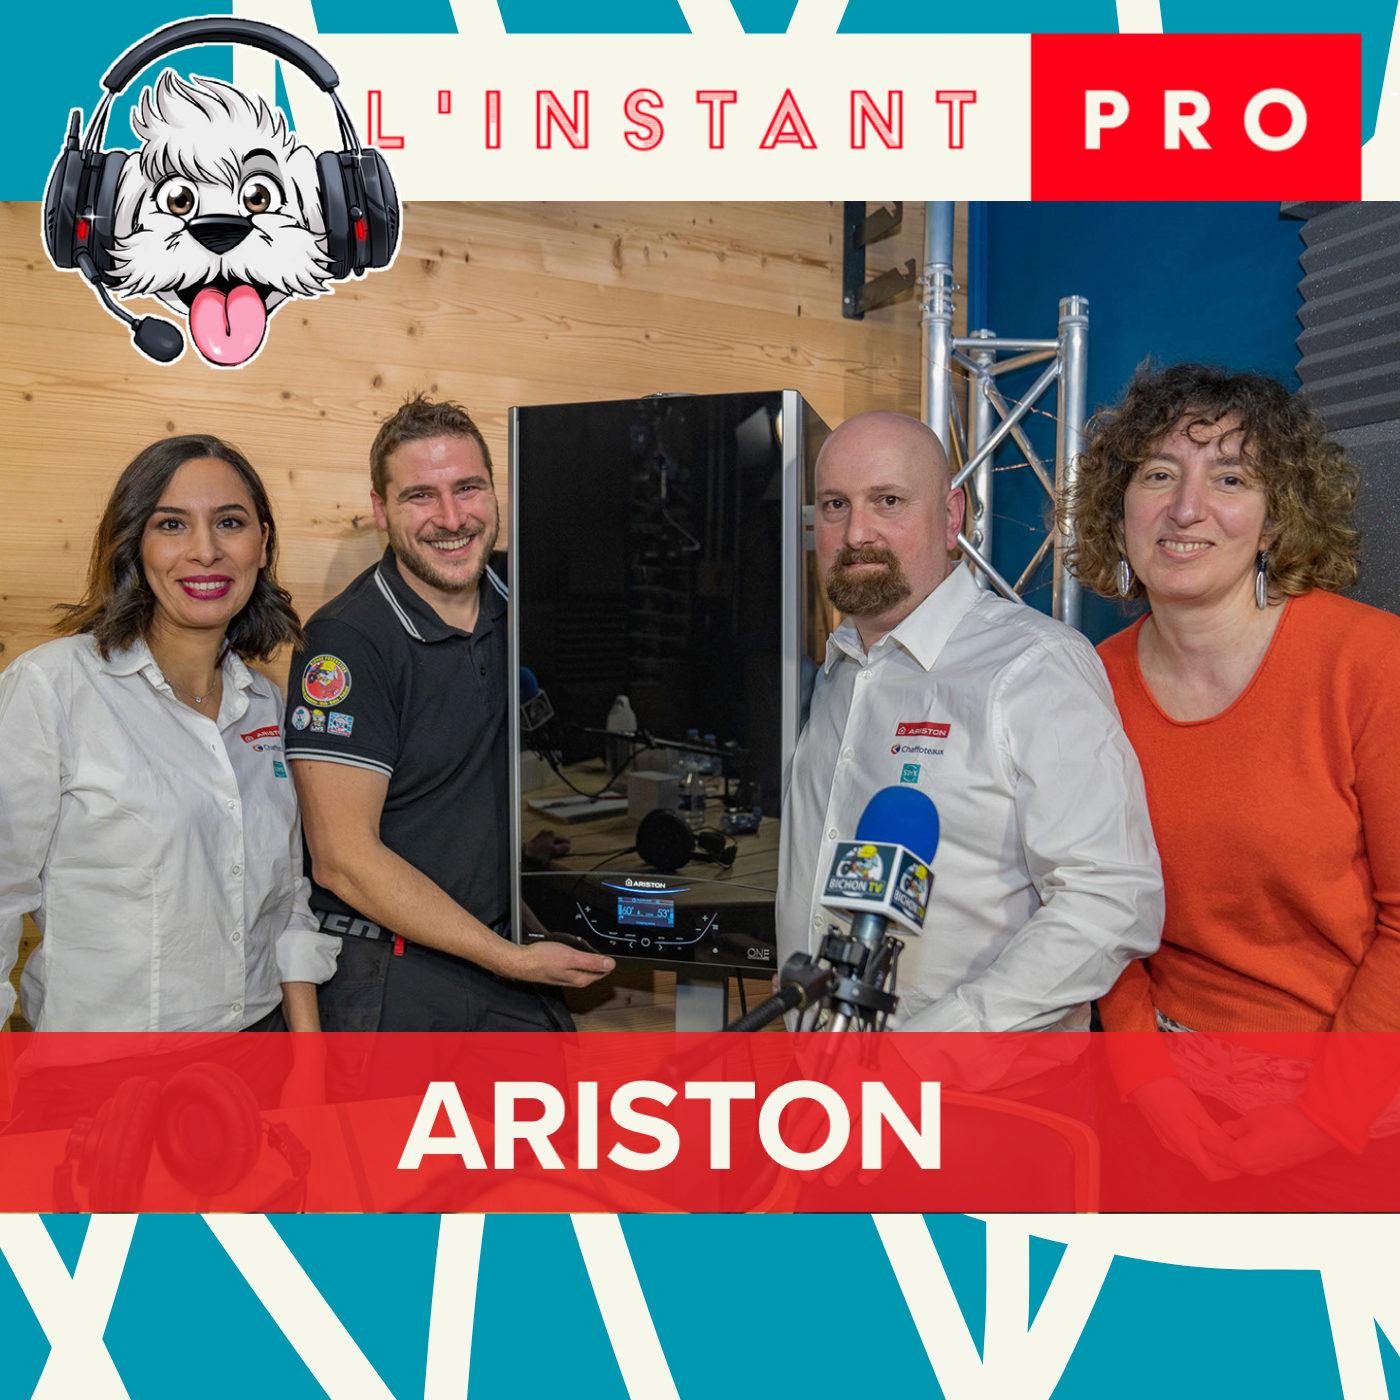 ARISTON lance une nouvelle chaudière gaz condensation premium et connecté. L'instant PRO de BichonTV